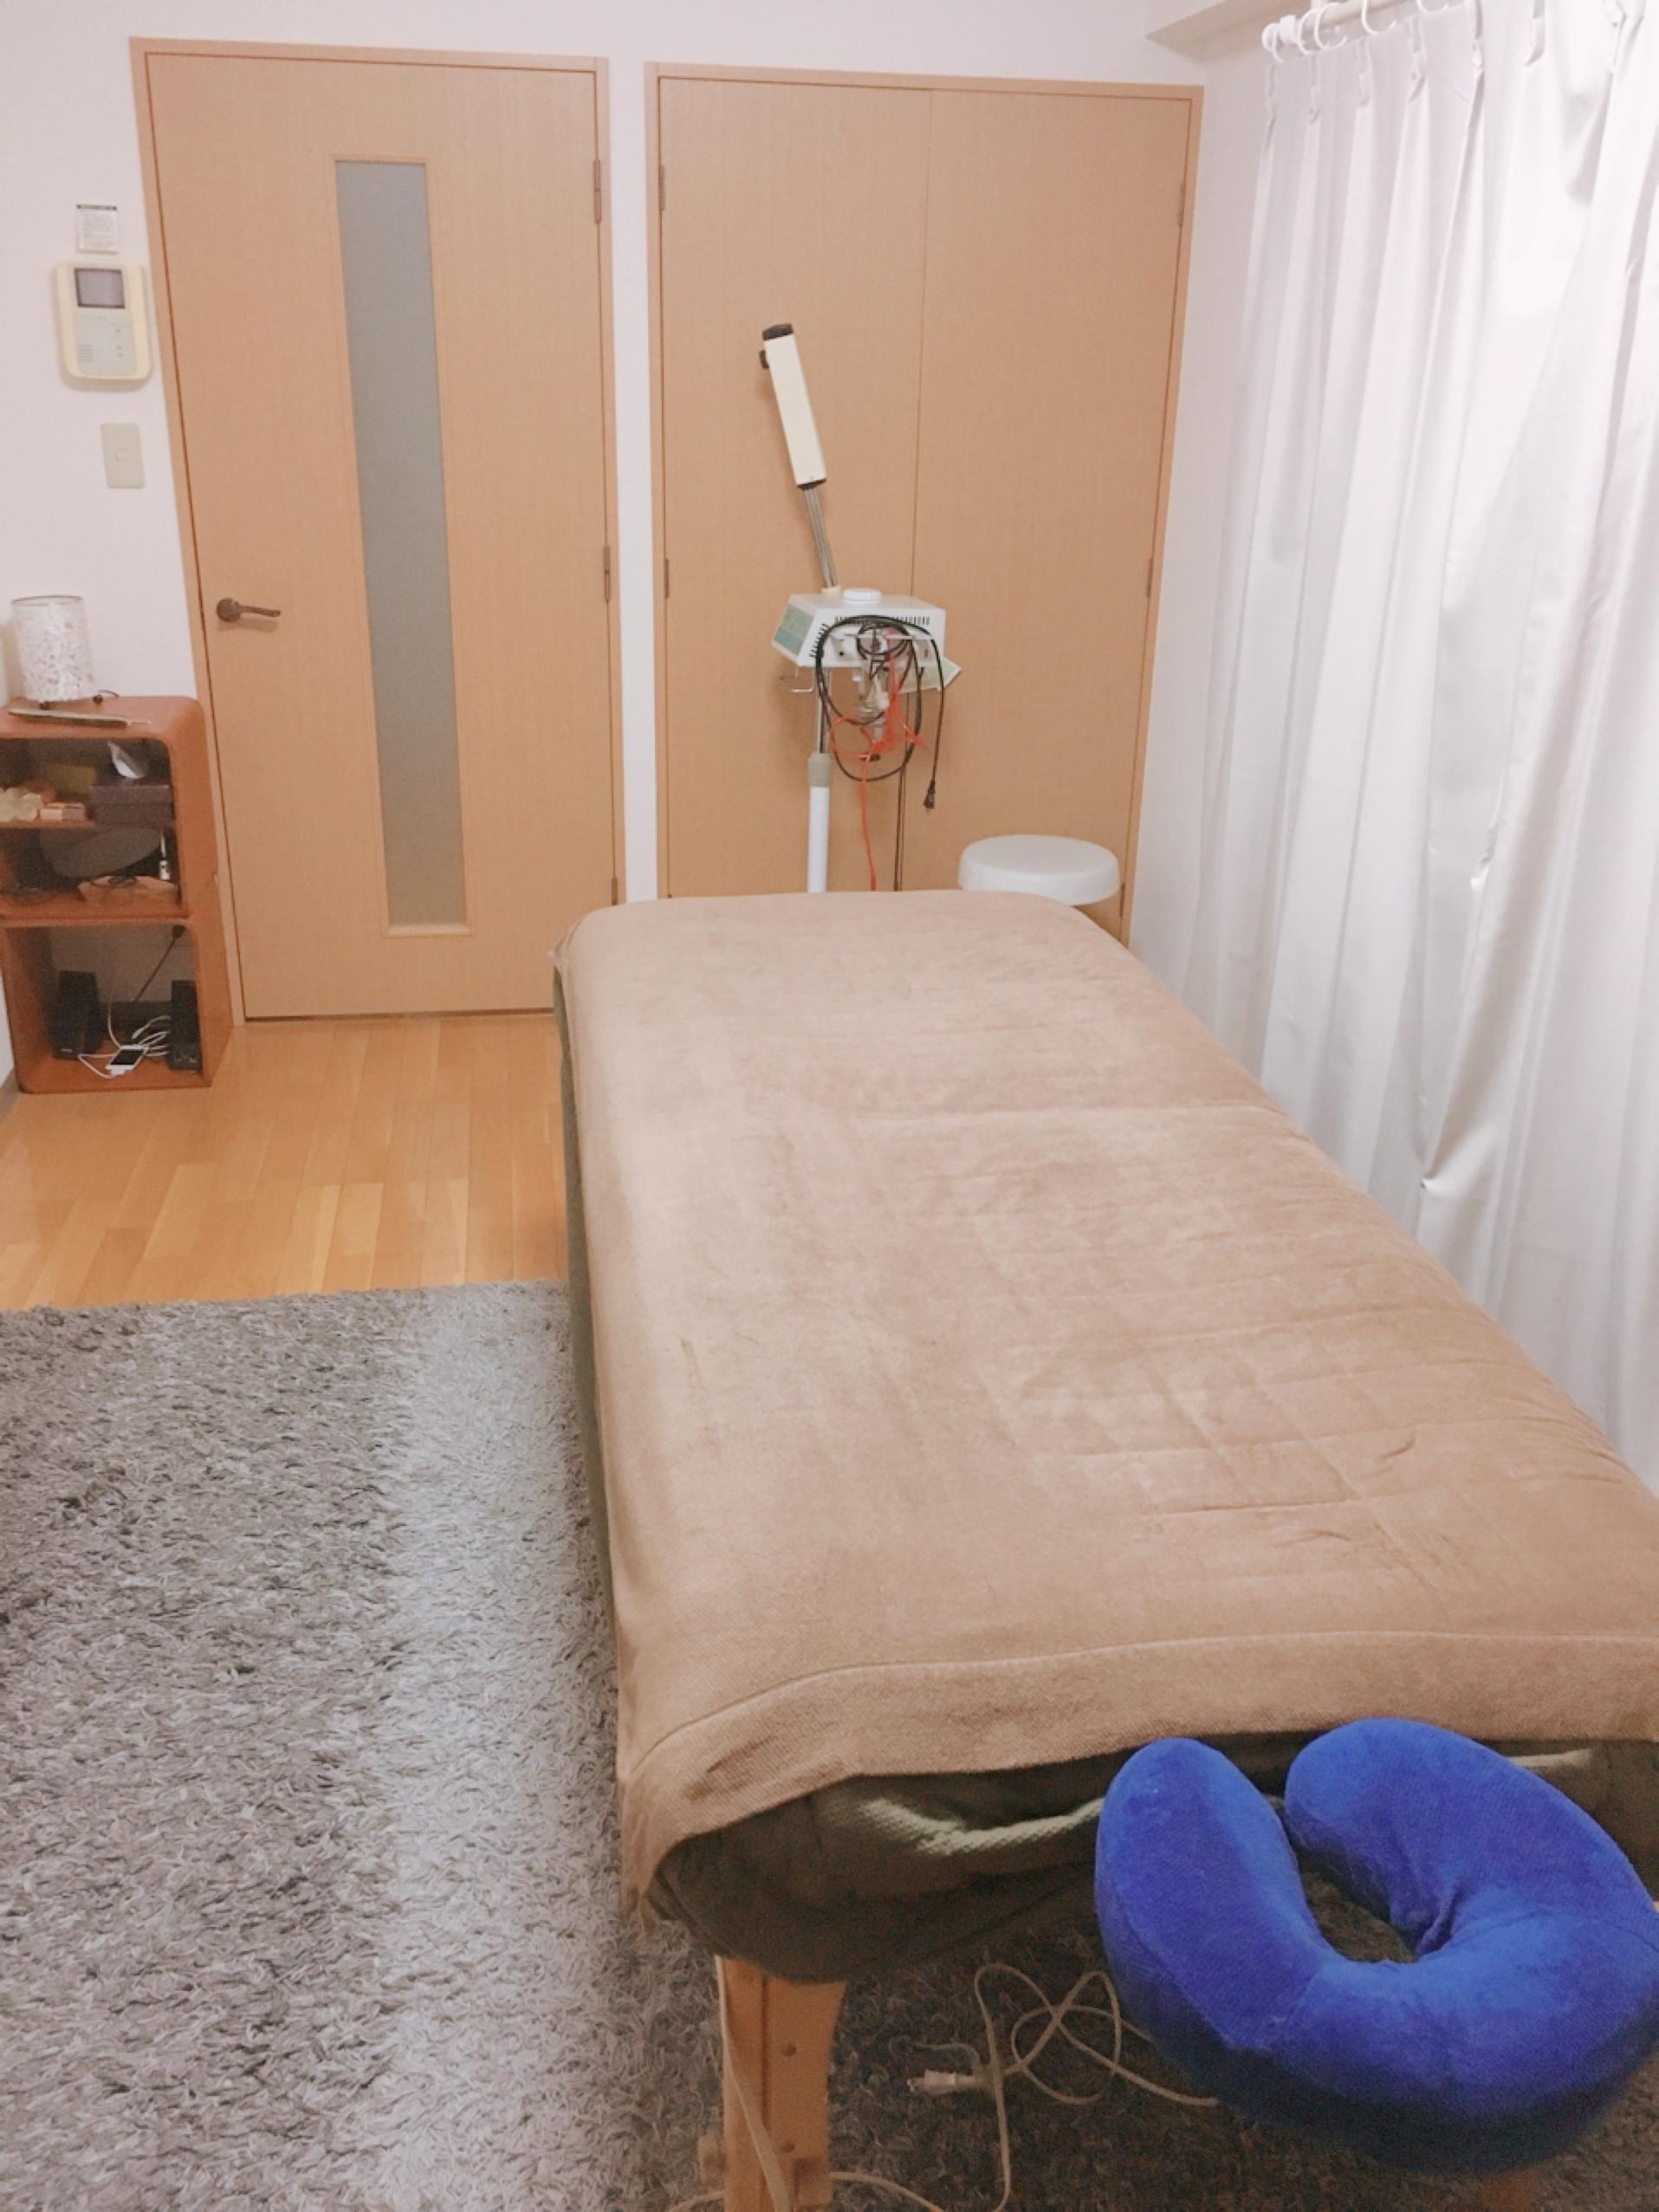 横浜レンタルサロンMAREBLE レンタルサロンの室内の写真